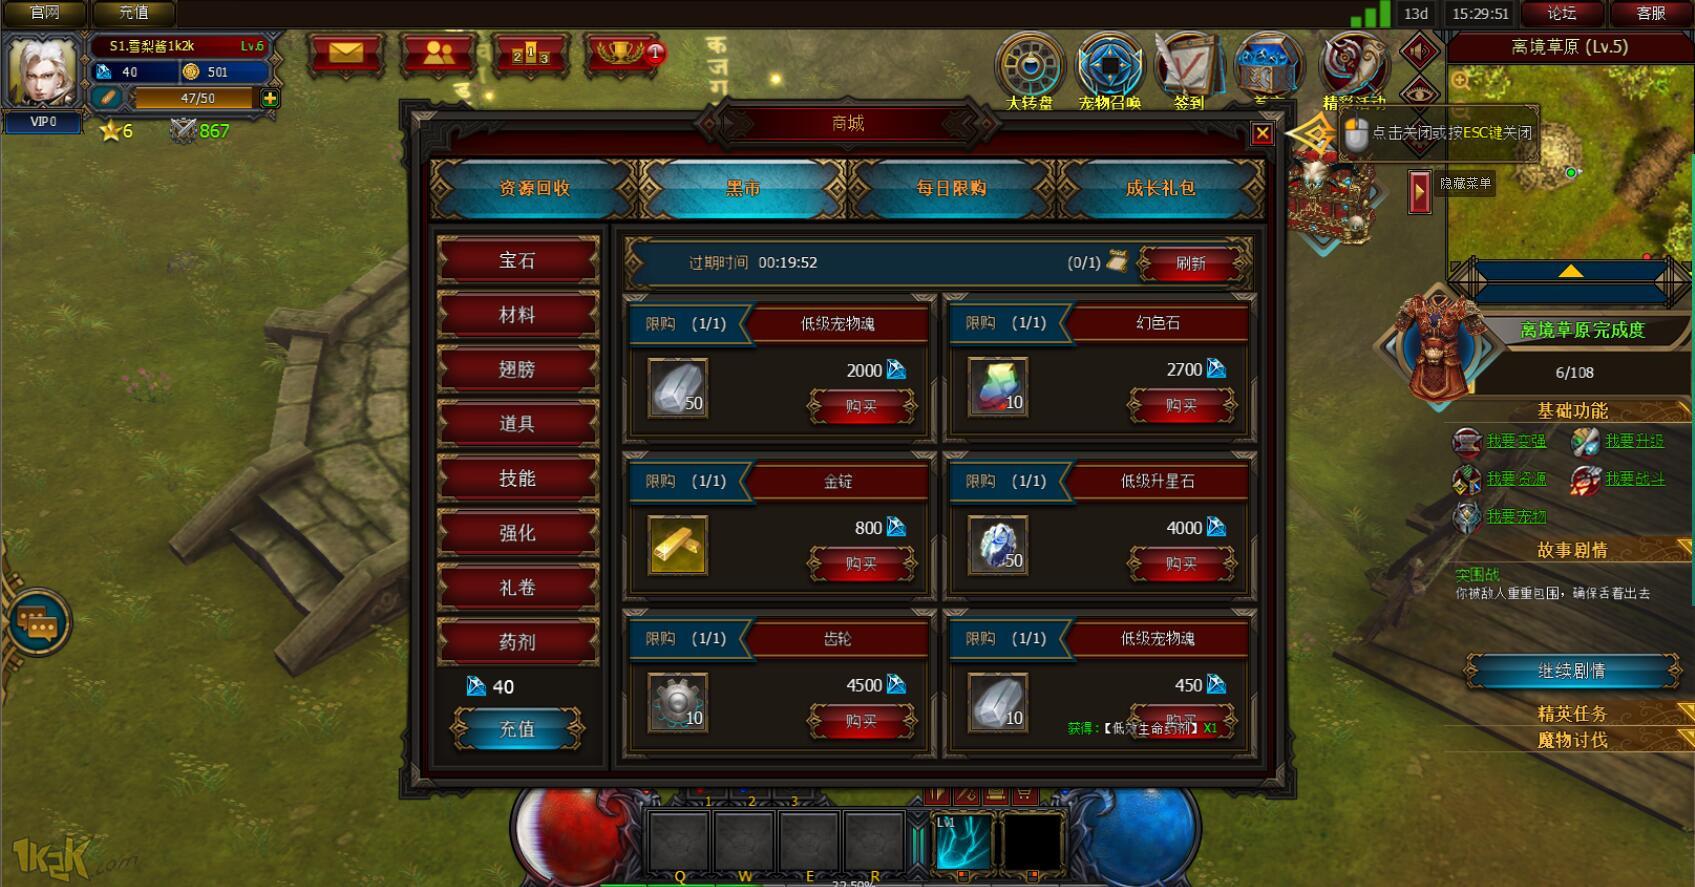 圣剑神域3D游戏截图4